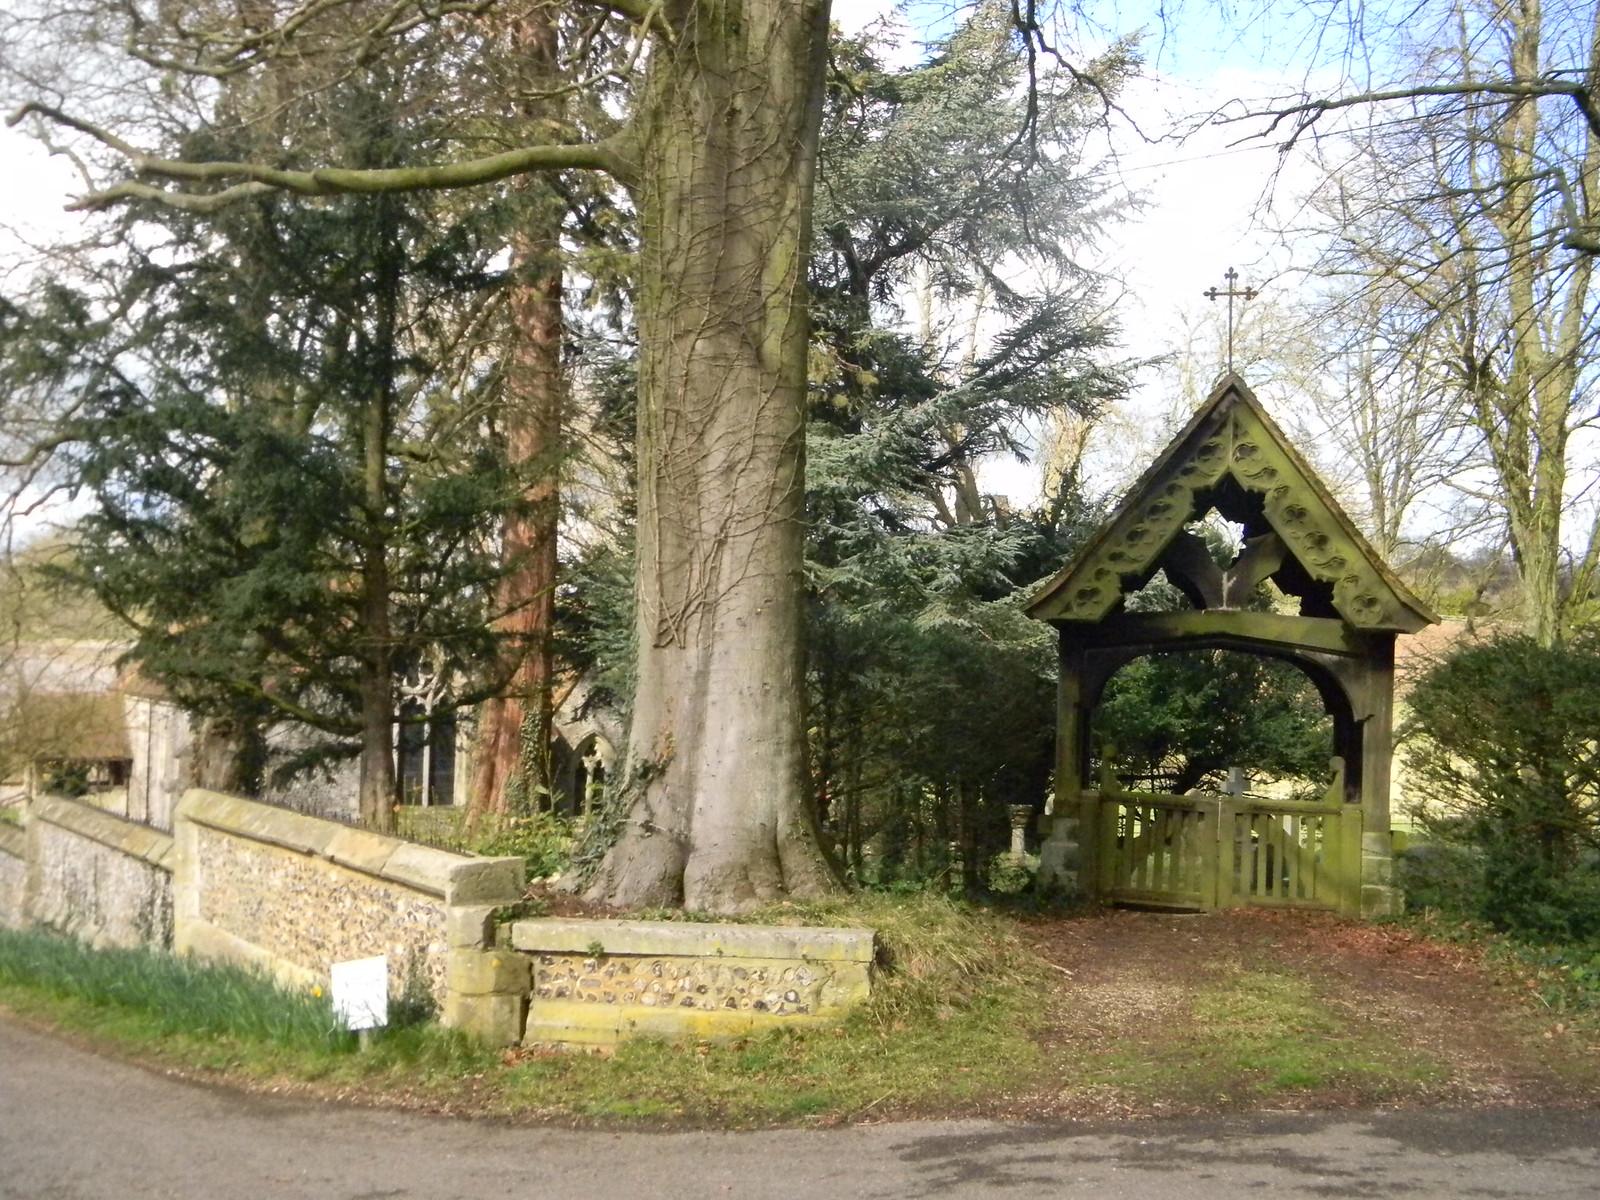 Ashe churchyard Overton Circular